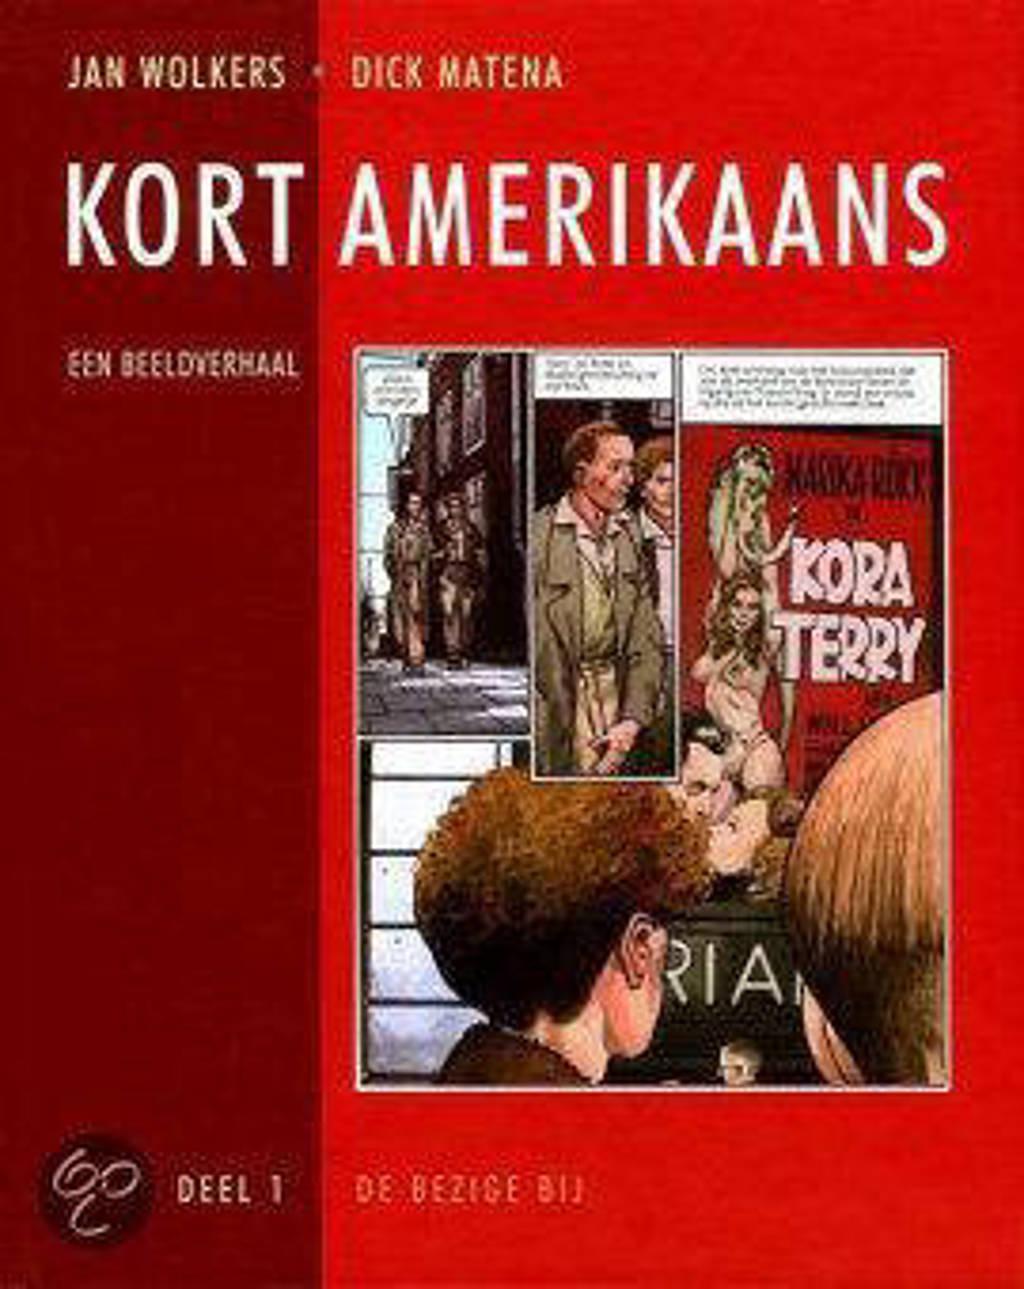 Kort Amerikaans 1 - Jan Wolkers